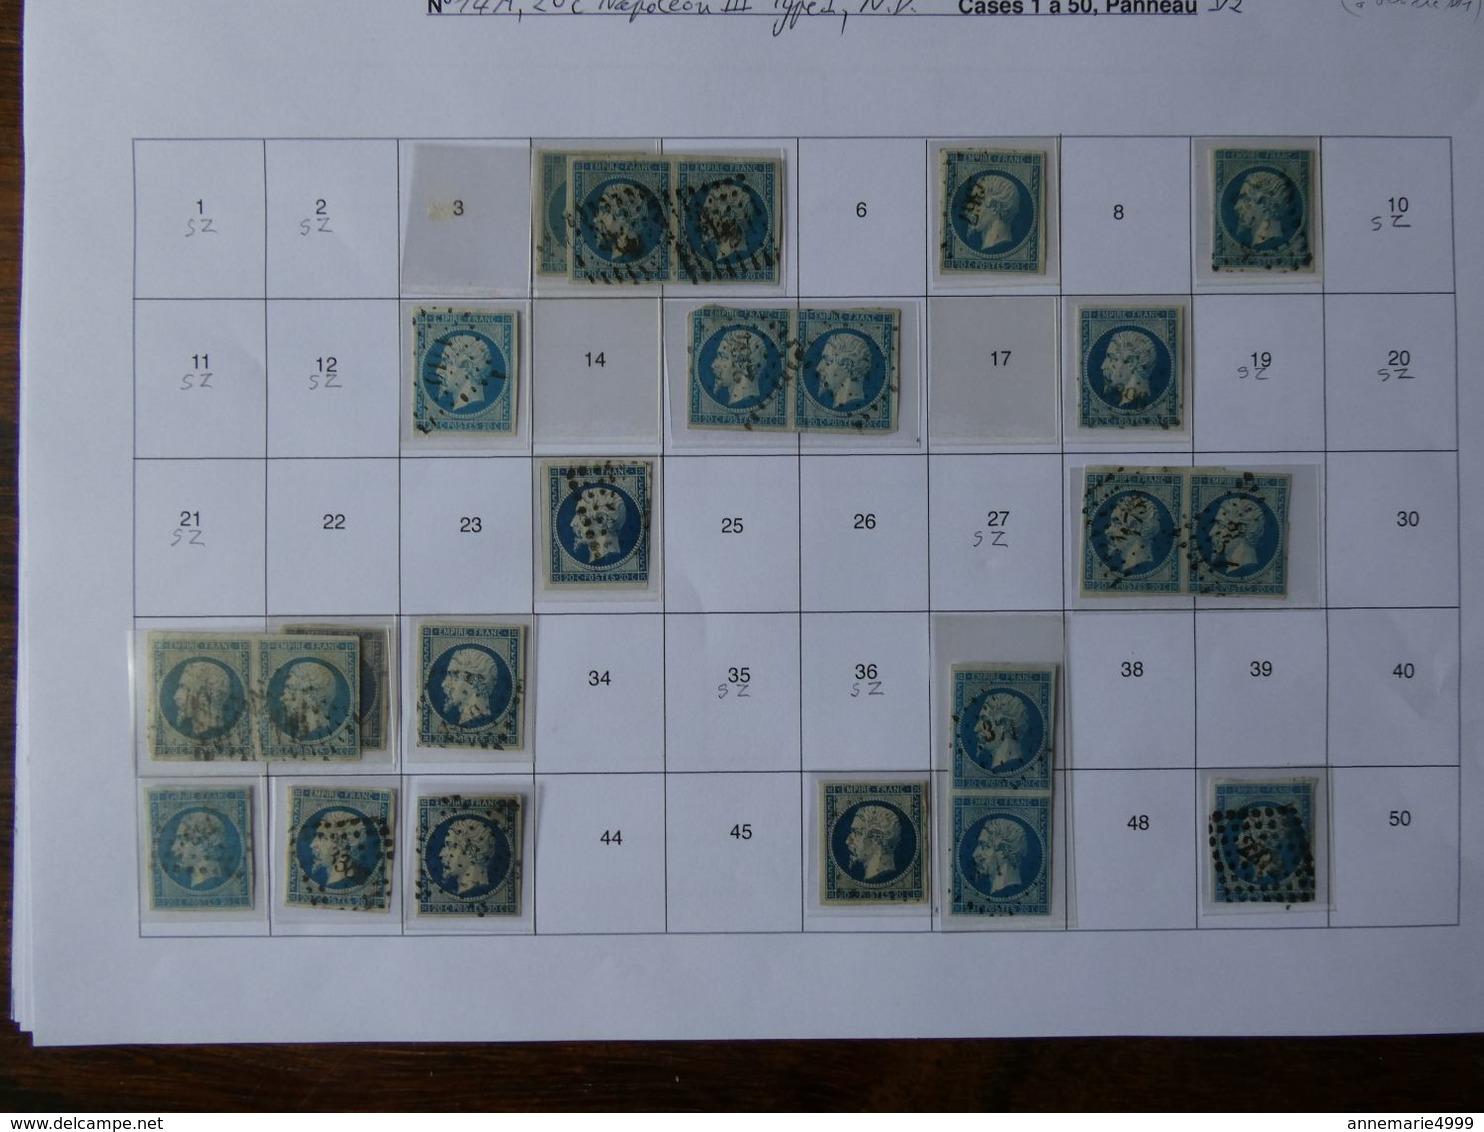 FRANCE Début De  PLANCHAGE Panneau D2 Du Numéro 14, 79 Exemplaires à Leur Place , Voir Scans, Travail De Spécialiste - 1853-1860 Napoléon III